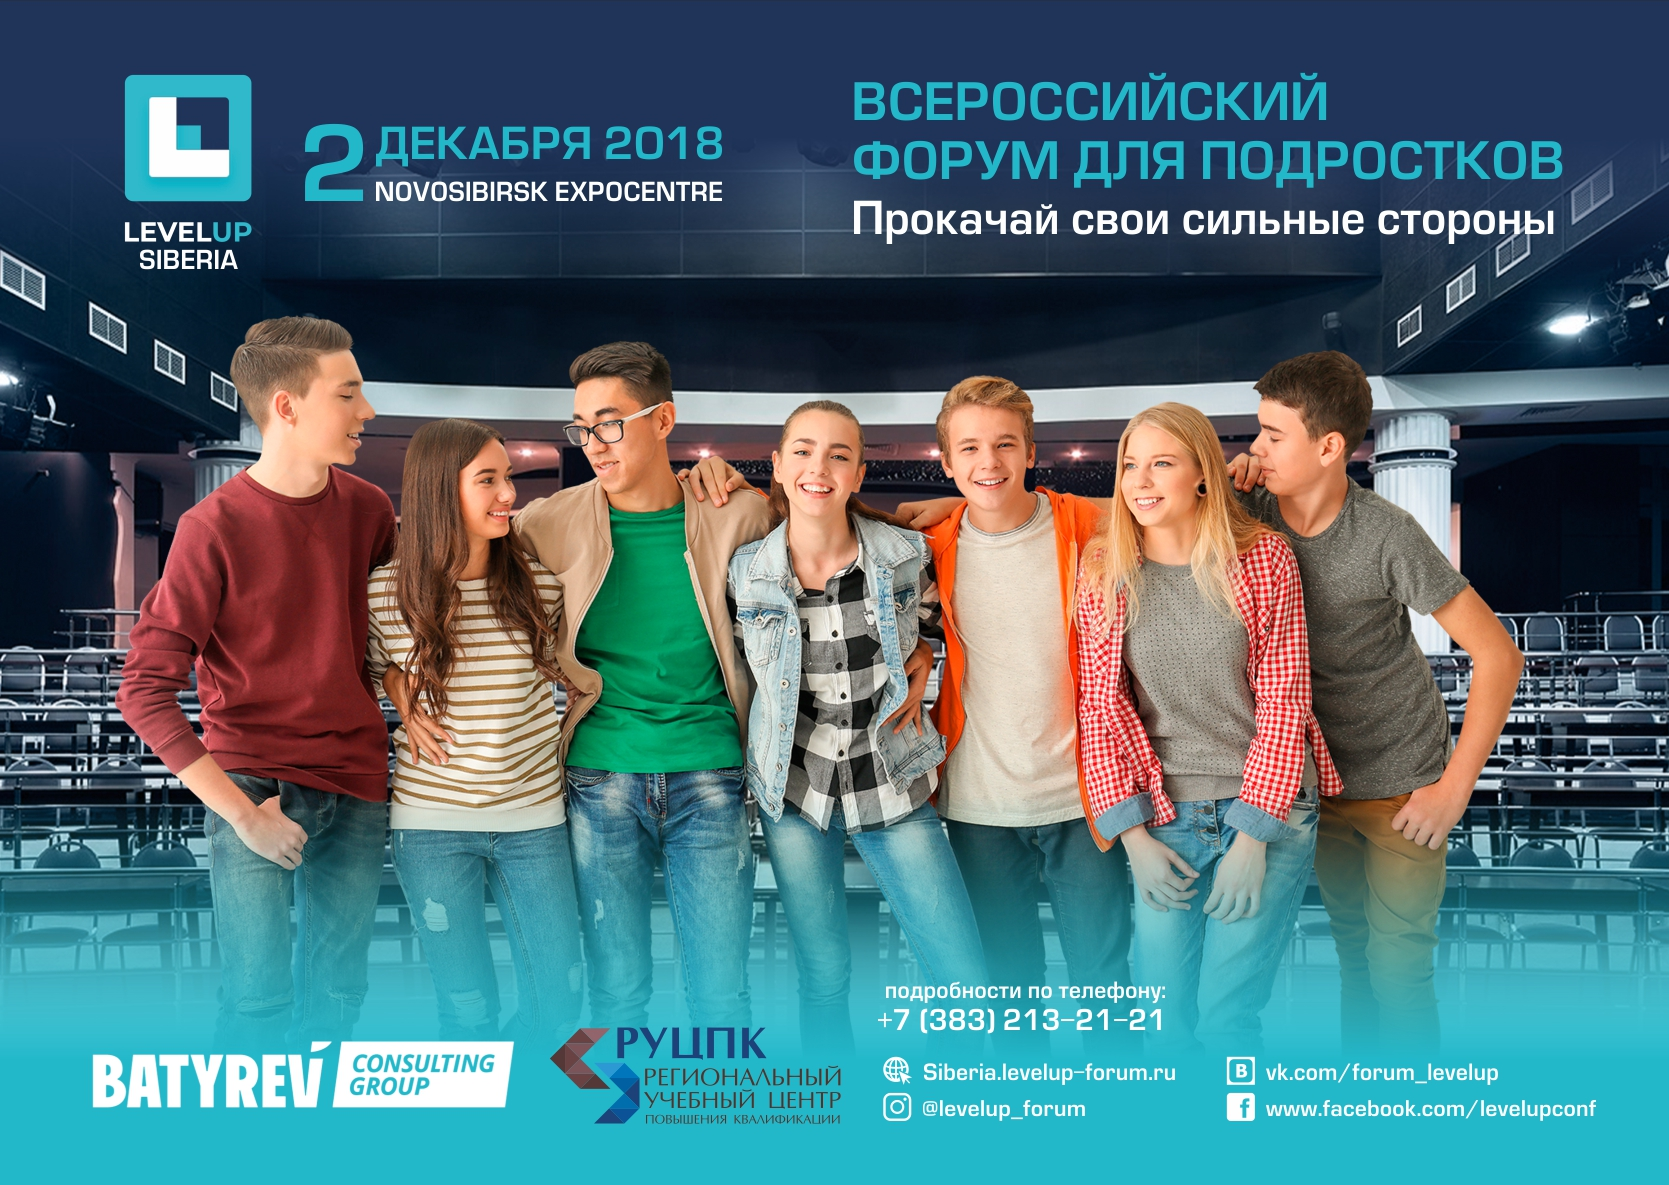 Всероссийский форум для подростков и их родителей в Новосибирске